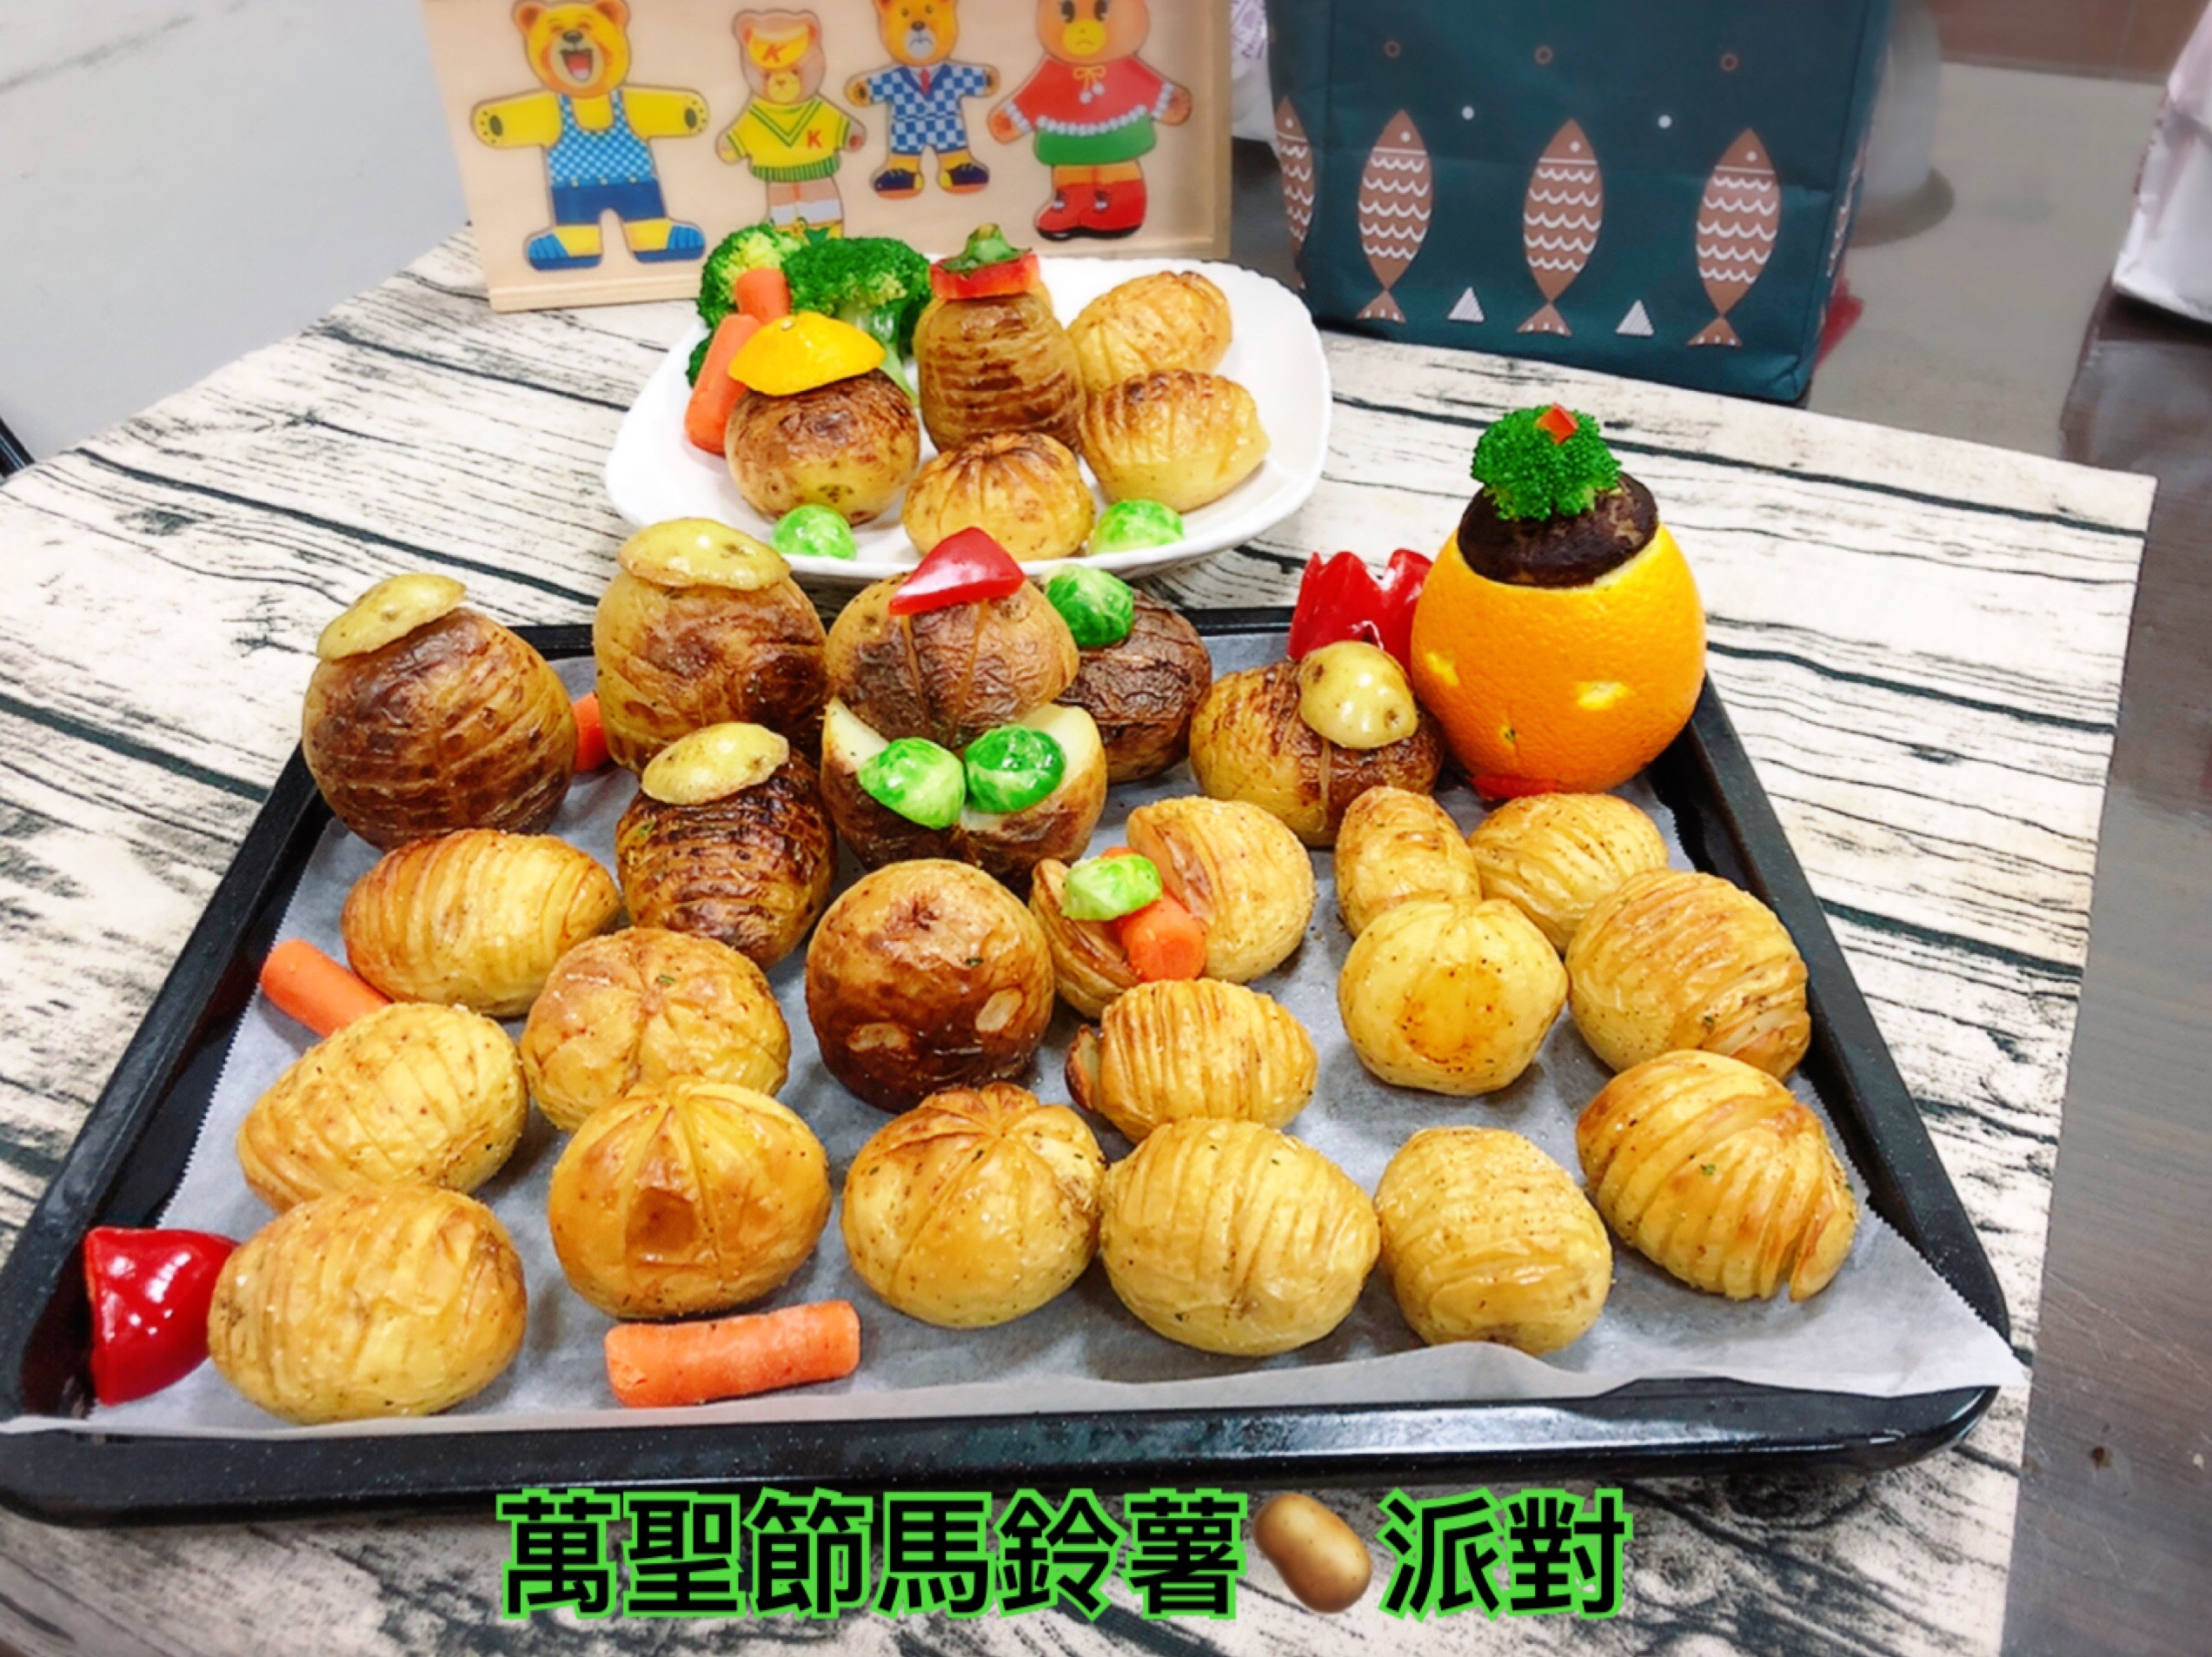 萬聖節🎃馬鈴薯派對(水波爐料理)